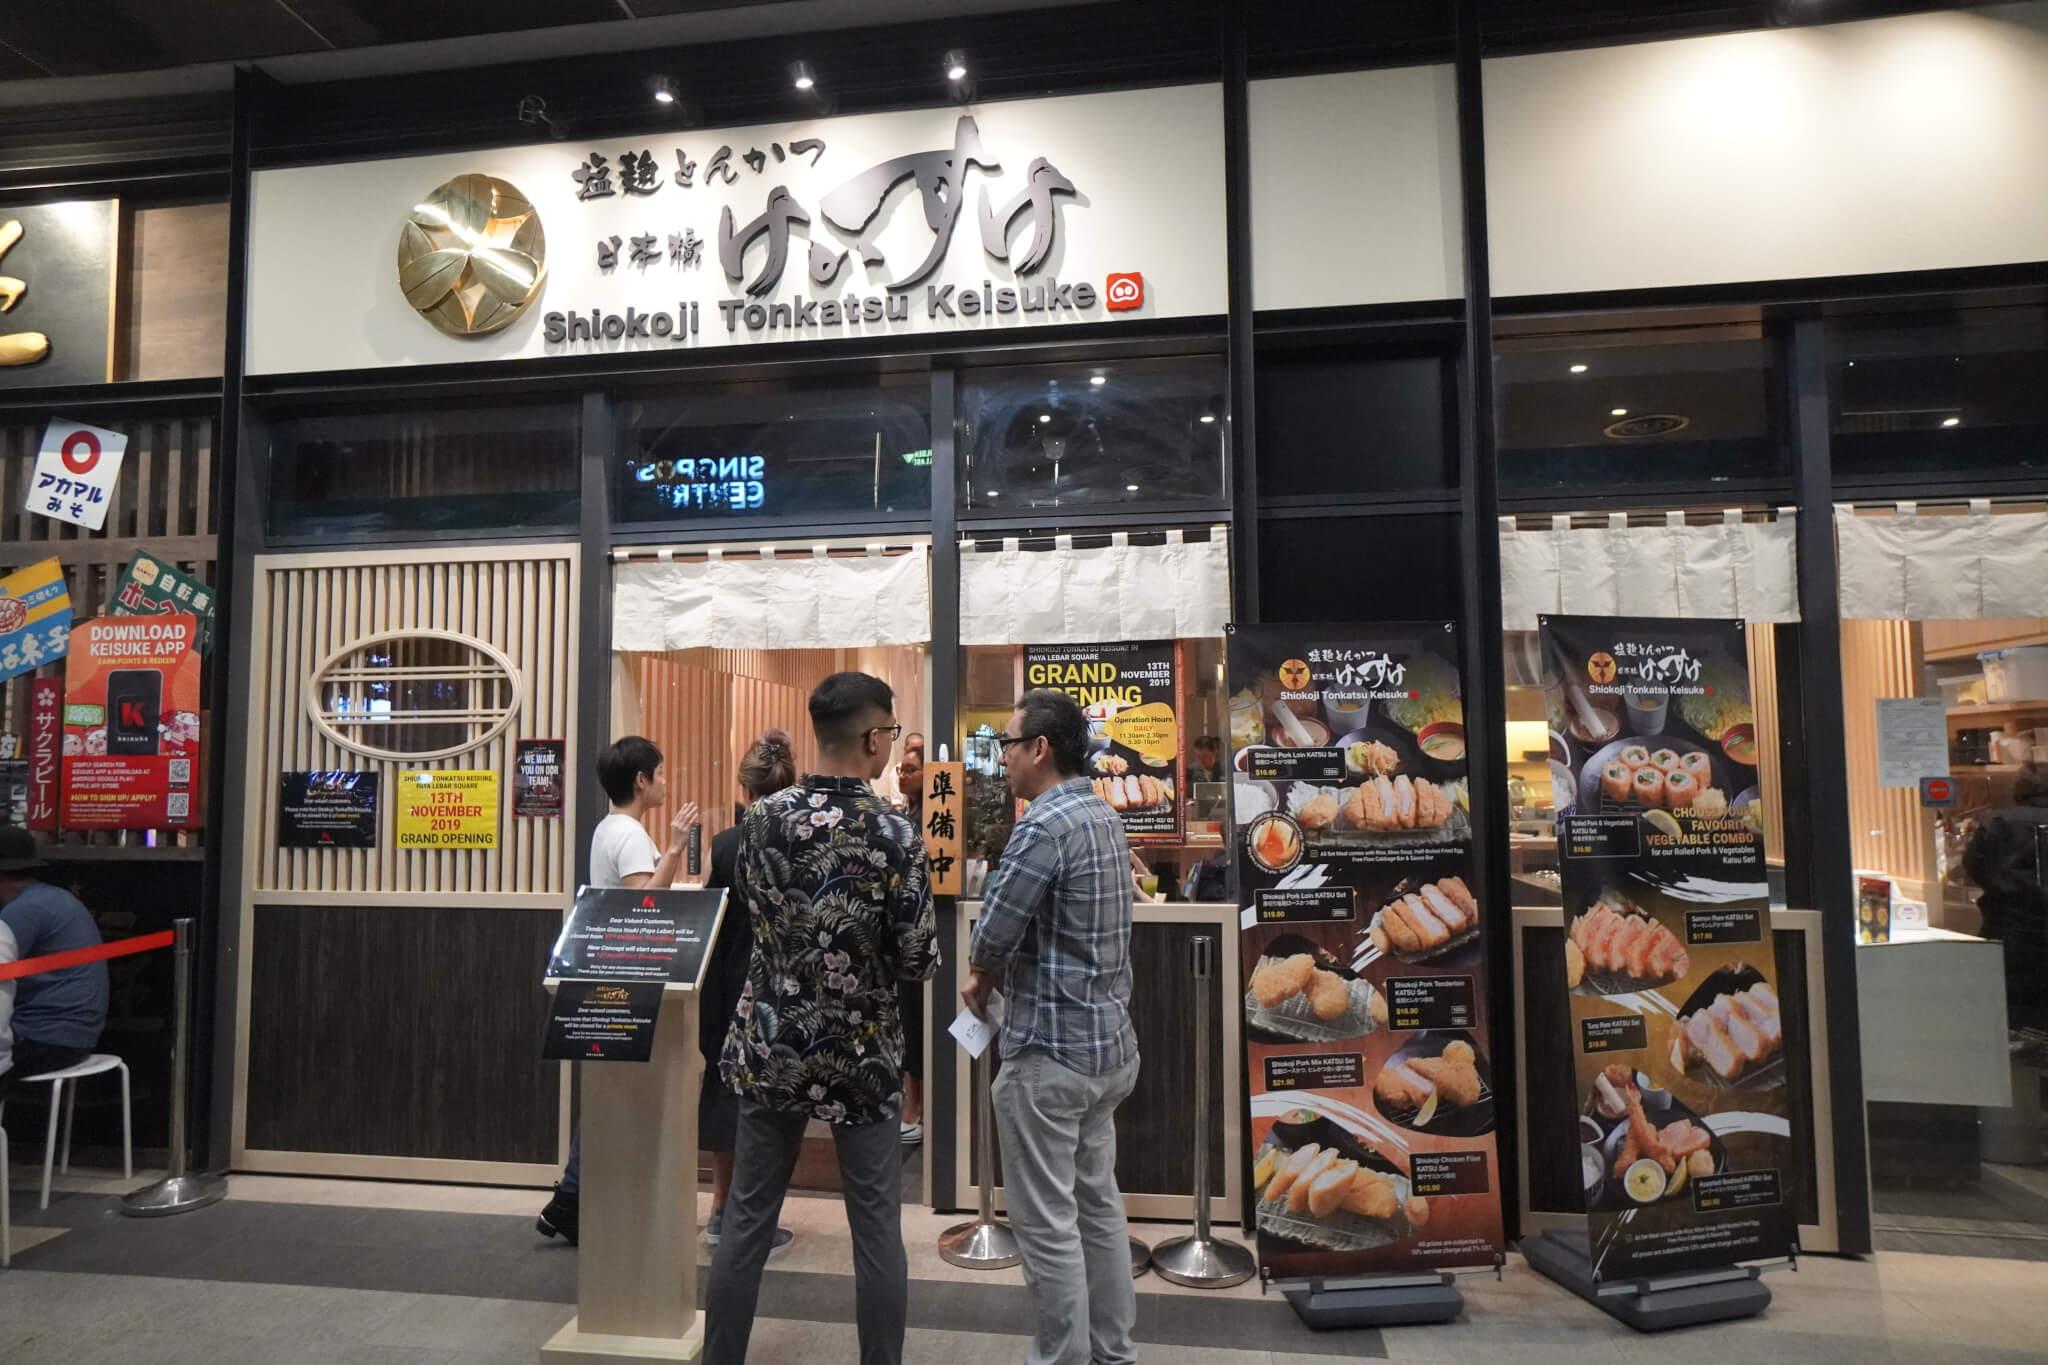 Shiokoji Tonkatsu Keisuke at Paya Lebar Quarter